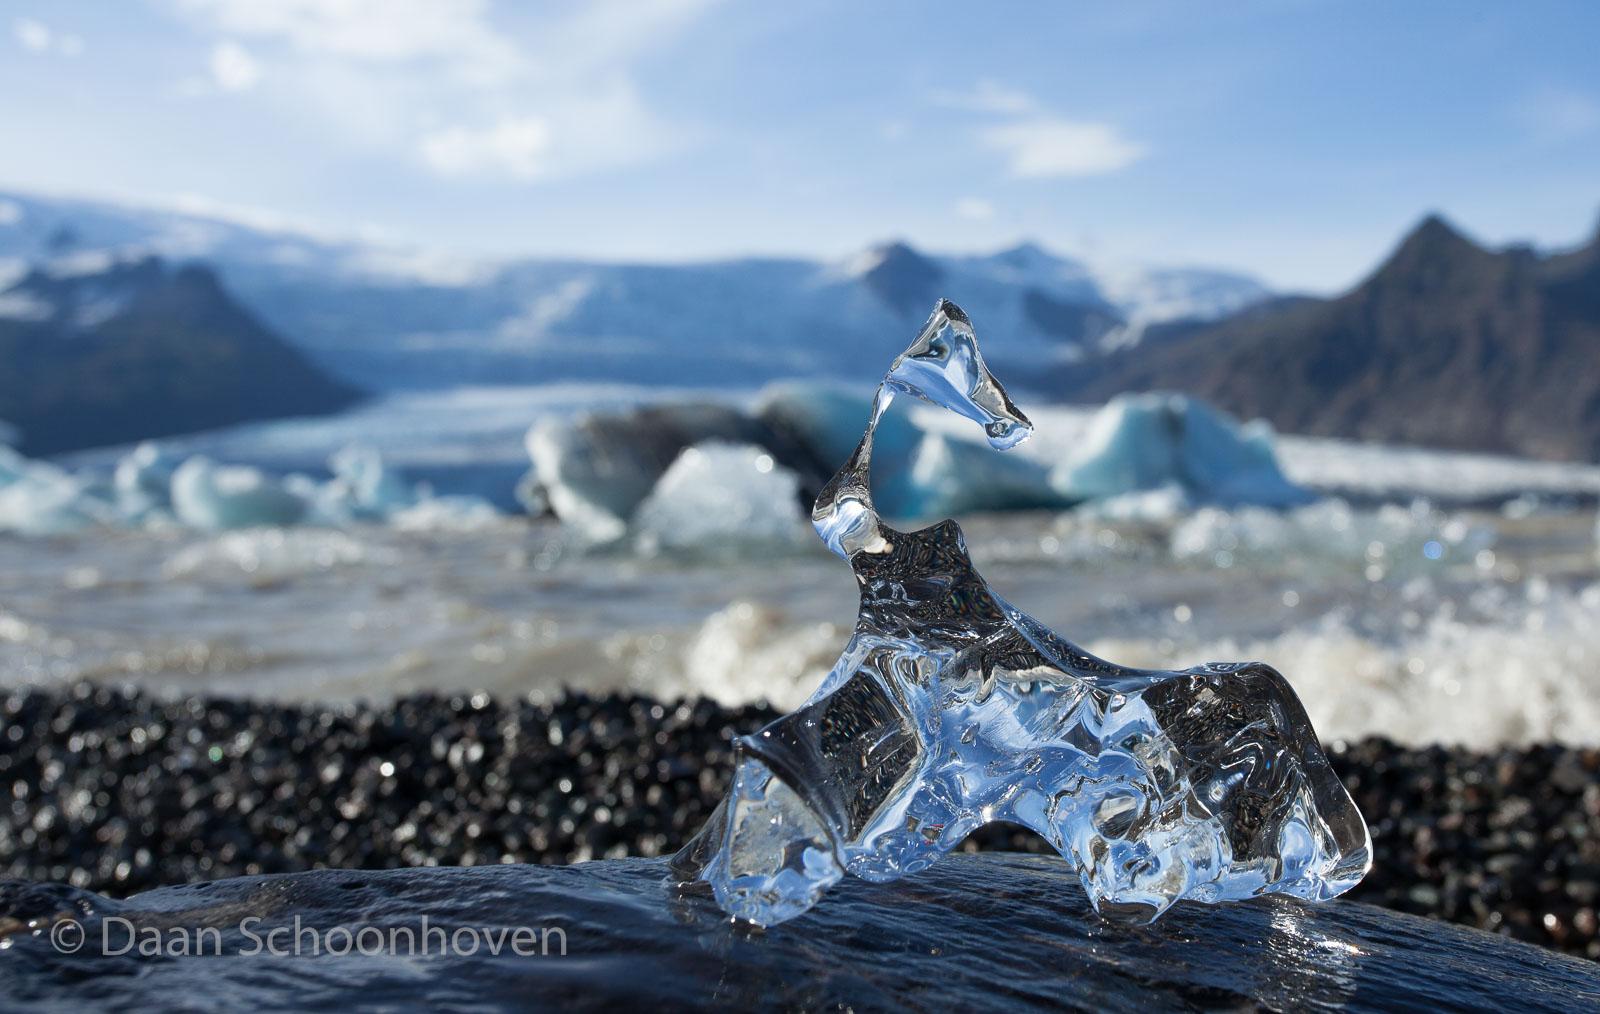 IJsland_selectie_Daan Schoonhoven20150916-_MG_9957